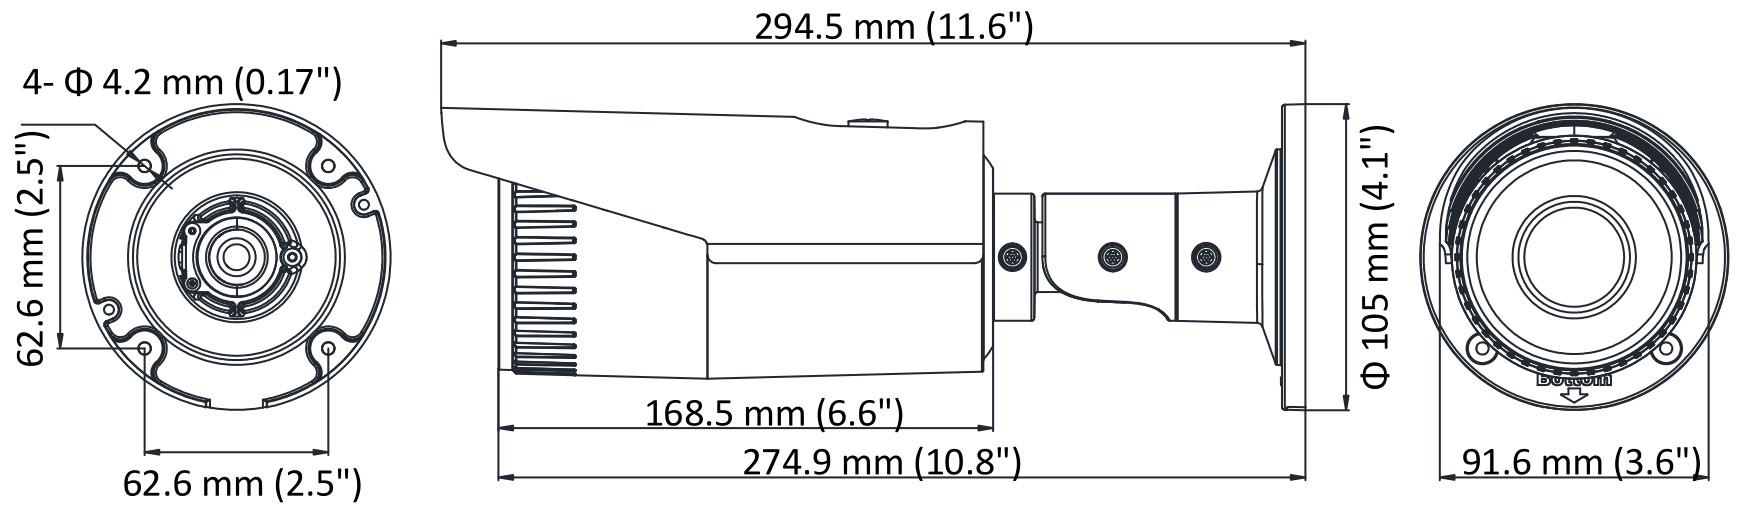 DS-2CD1621FWD-I(Z) - Wymiary kamery.